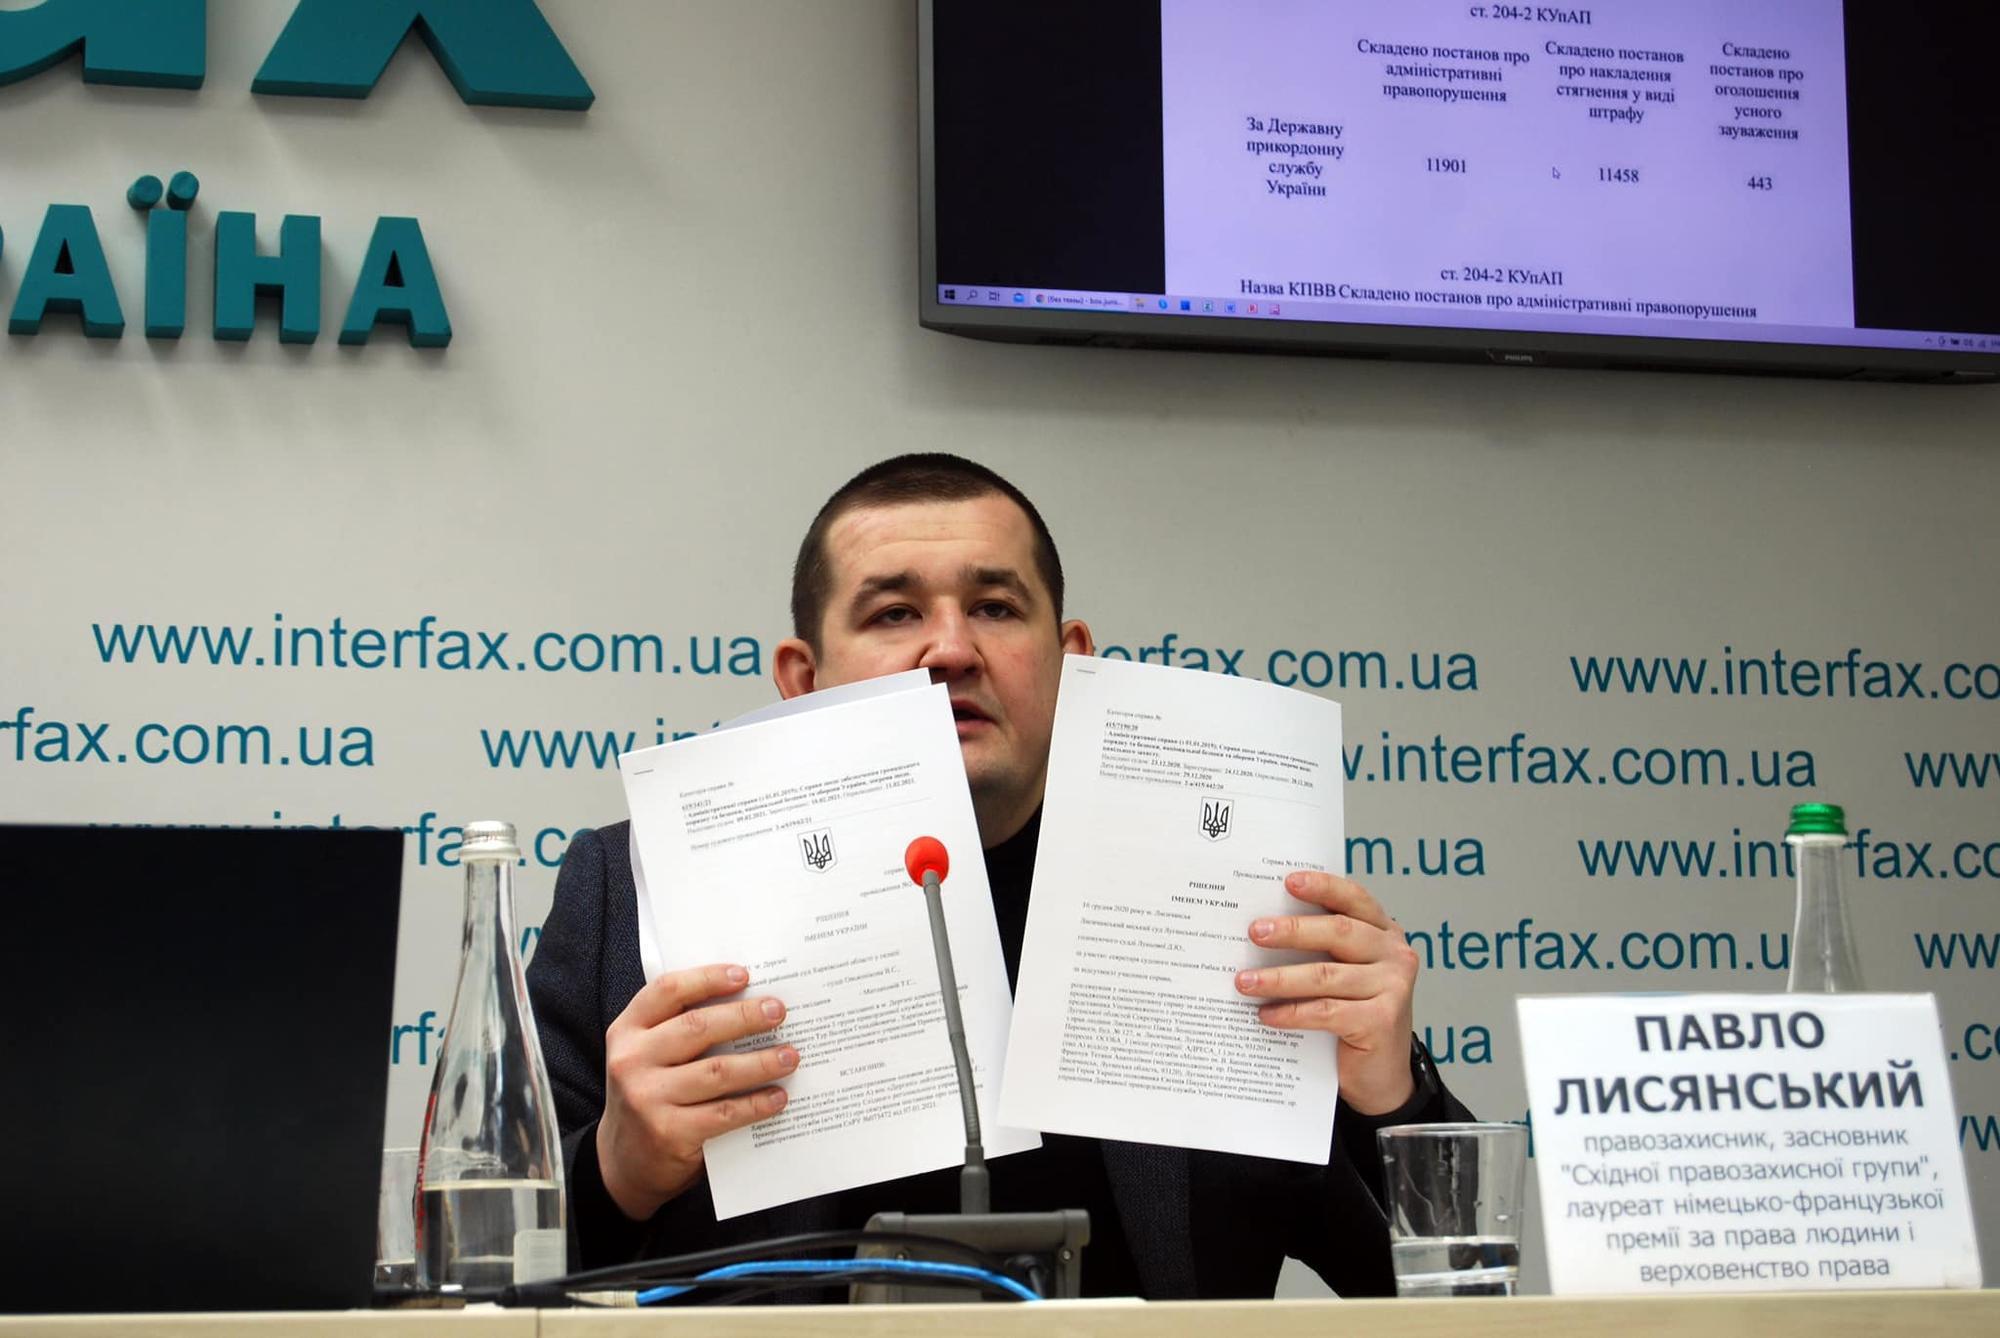 Павел Лисянский на пресс-конференции Интерфакс